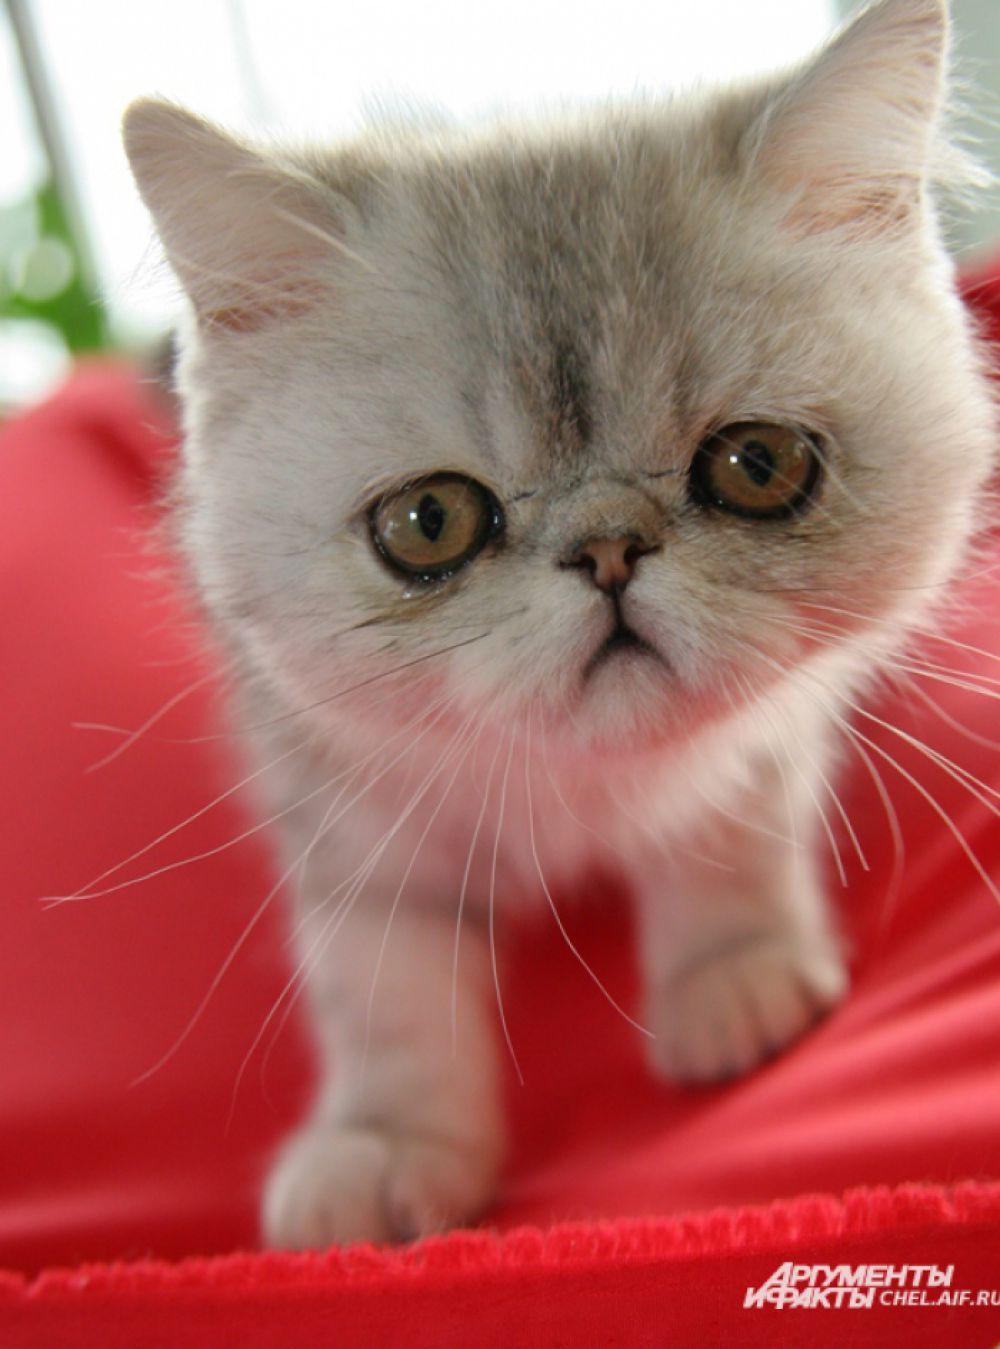 По статистике, 95% хозяев кошек разговаривают со своими питомцами.